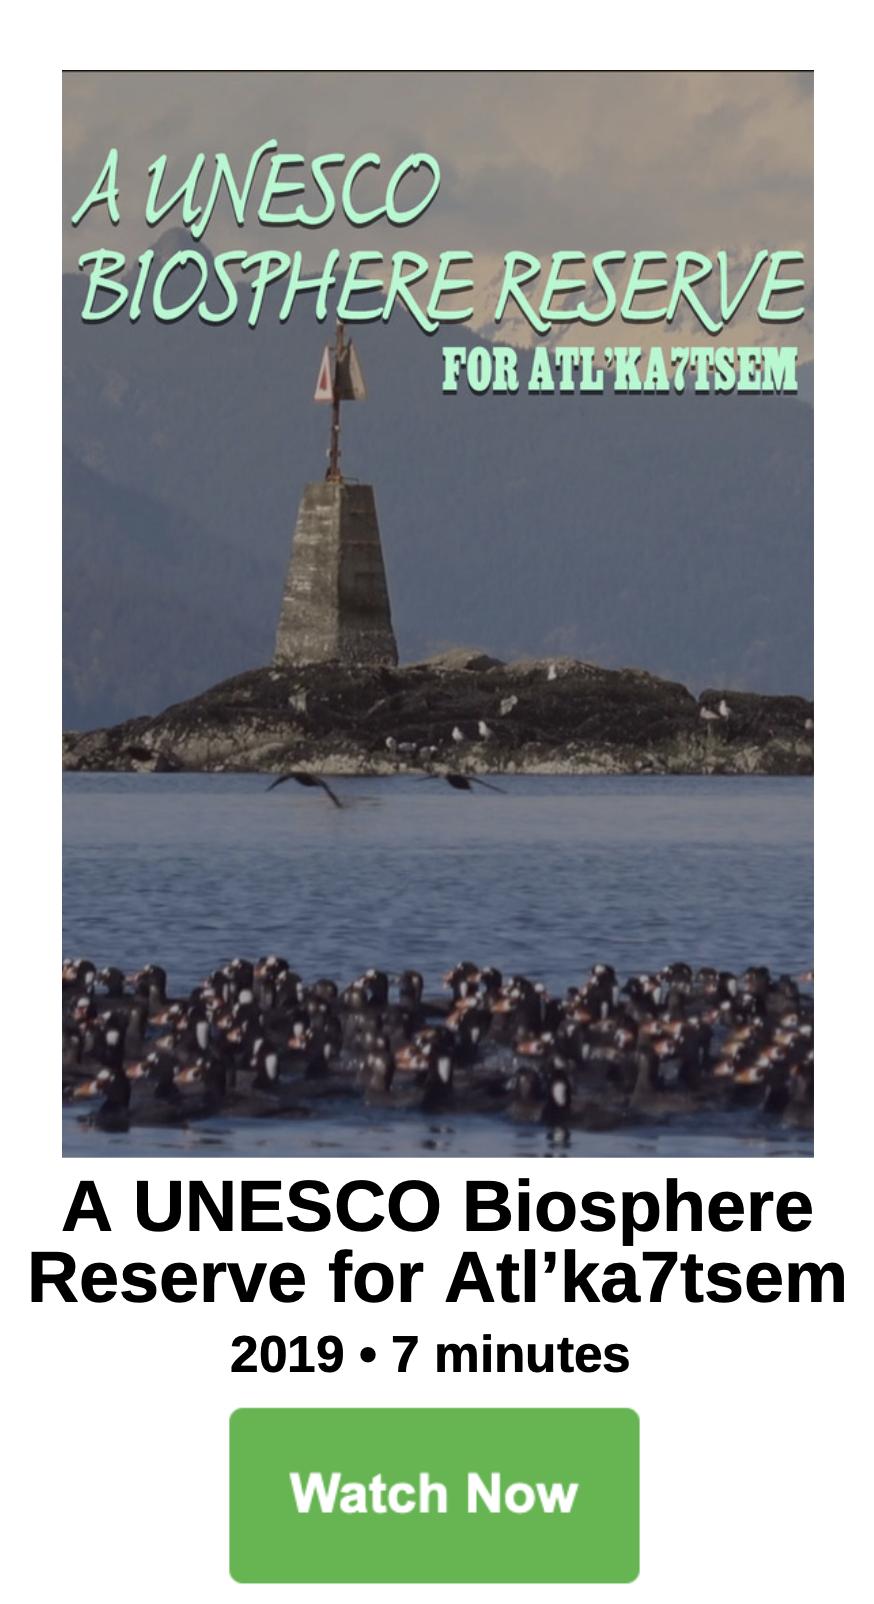 A UNESCO Biosphere Reserve for Atl'ka7tsem